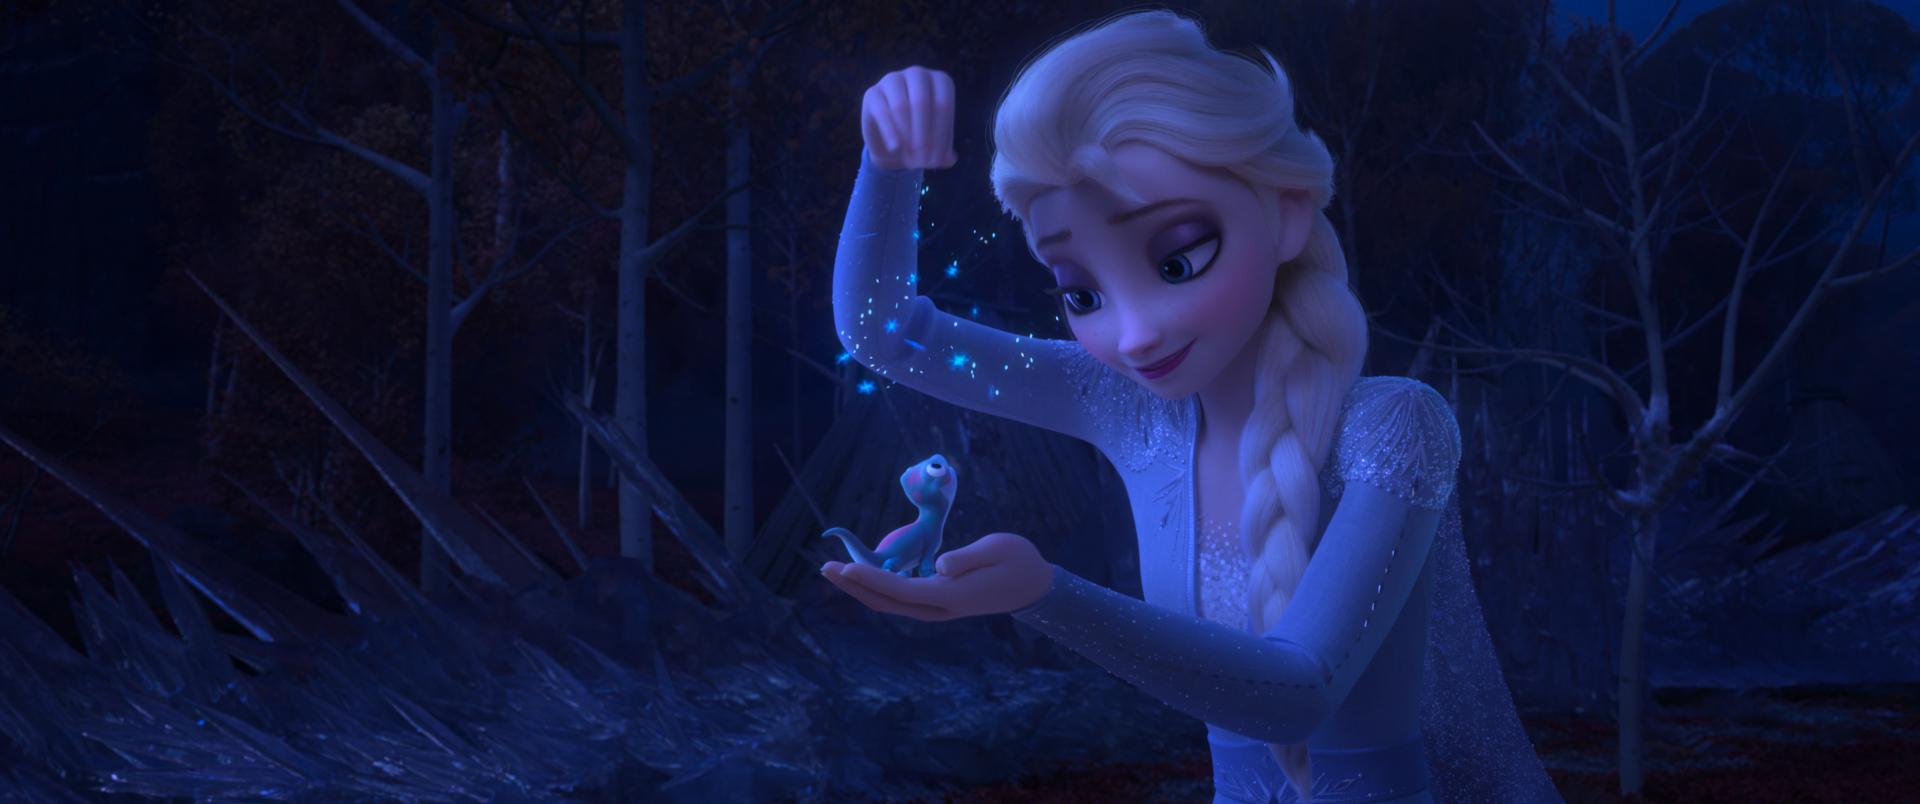 Elsa and Bruni in Frozen 2